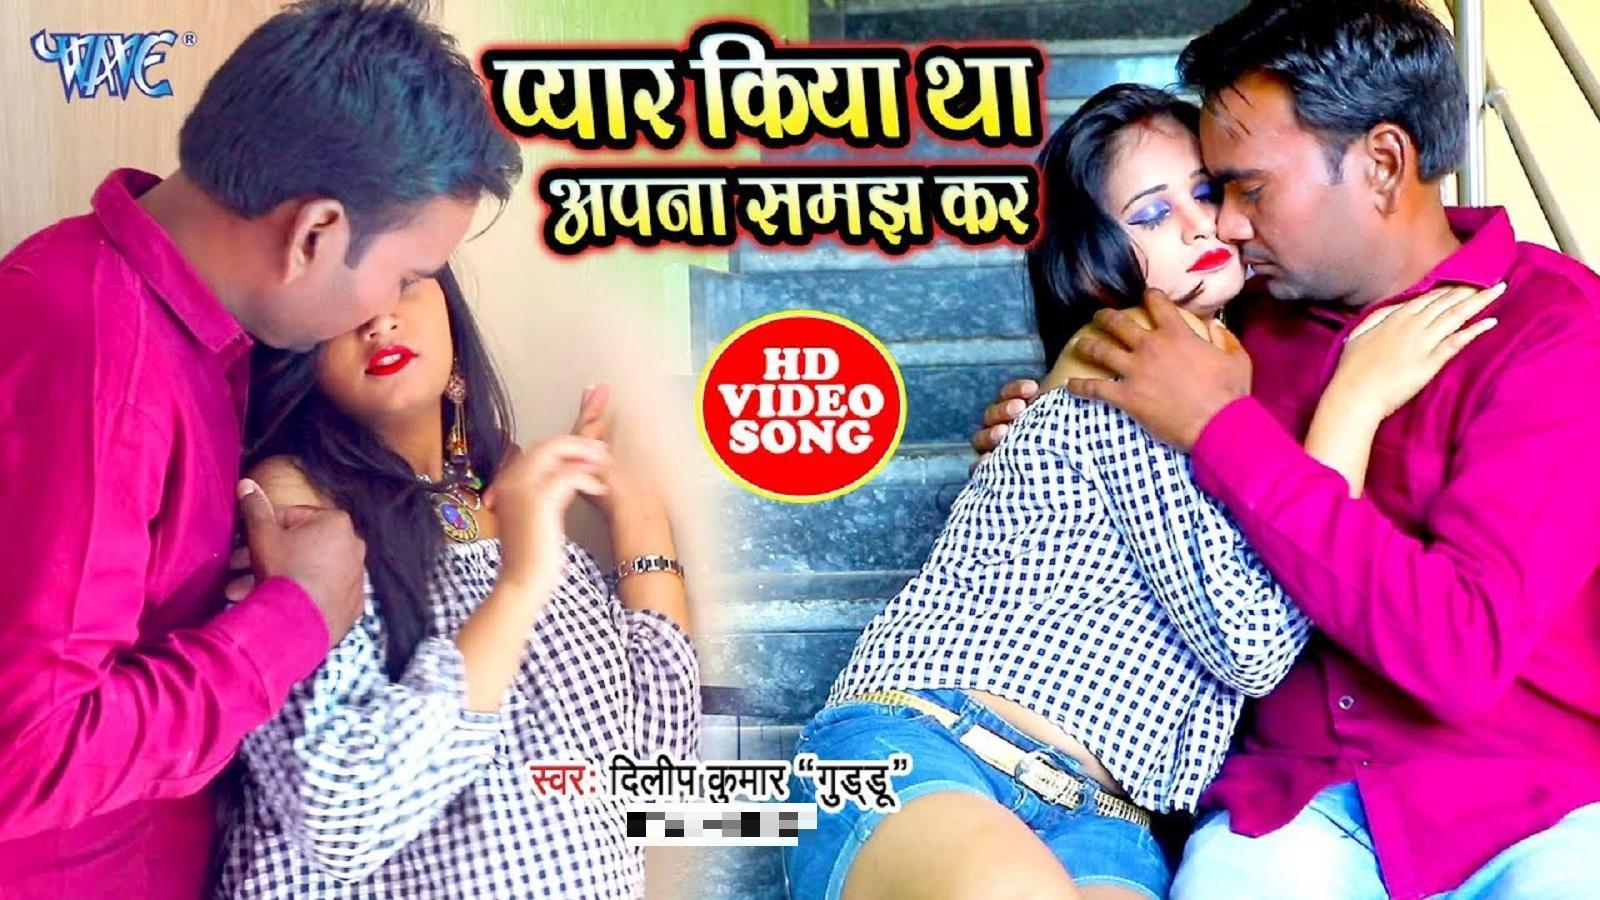 Naya Bhojpuri Gana Sad Video Song: Latest Bhojpuri song 'Pyar Kiya Tha Apna  Samajh Kar' from 'Fir Kyu Bewafai' sung by Dilip Kumar Guddu